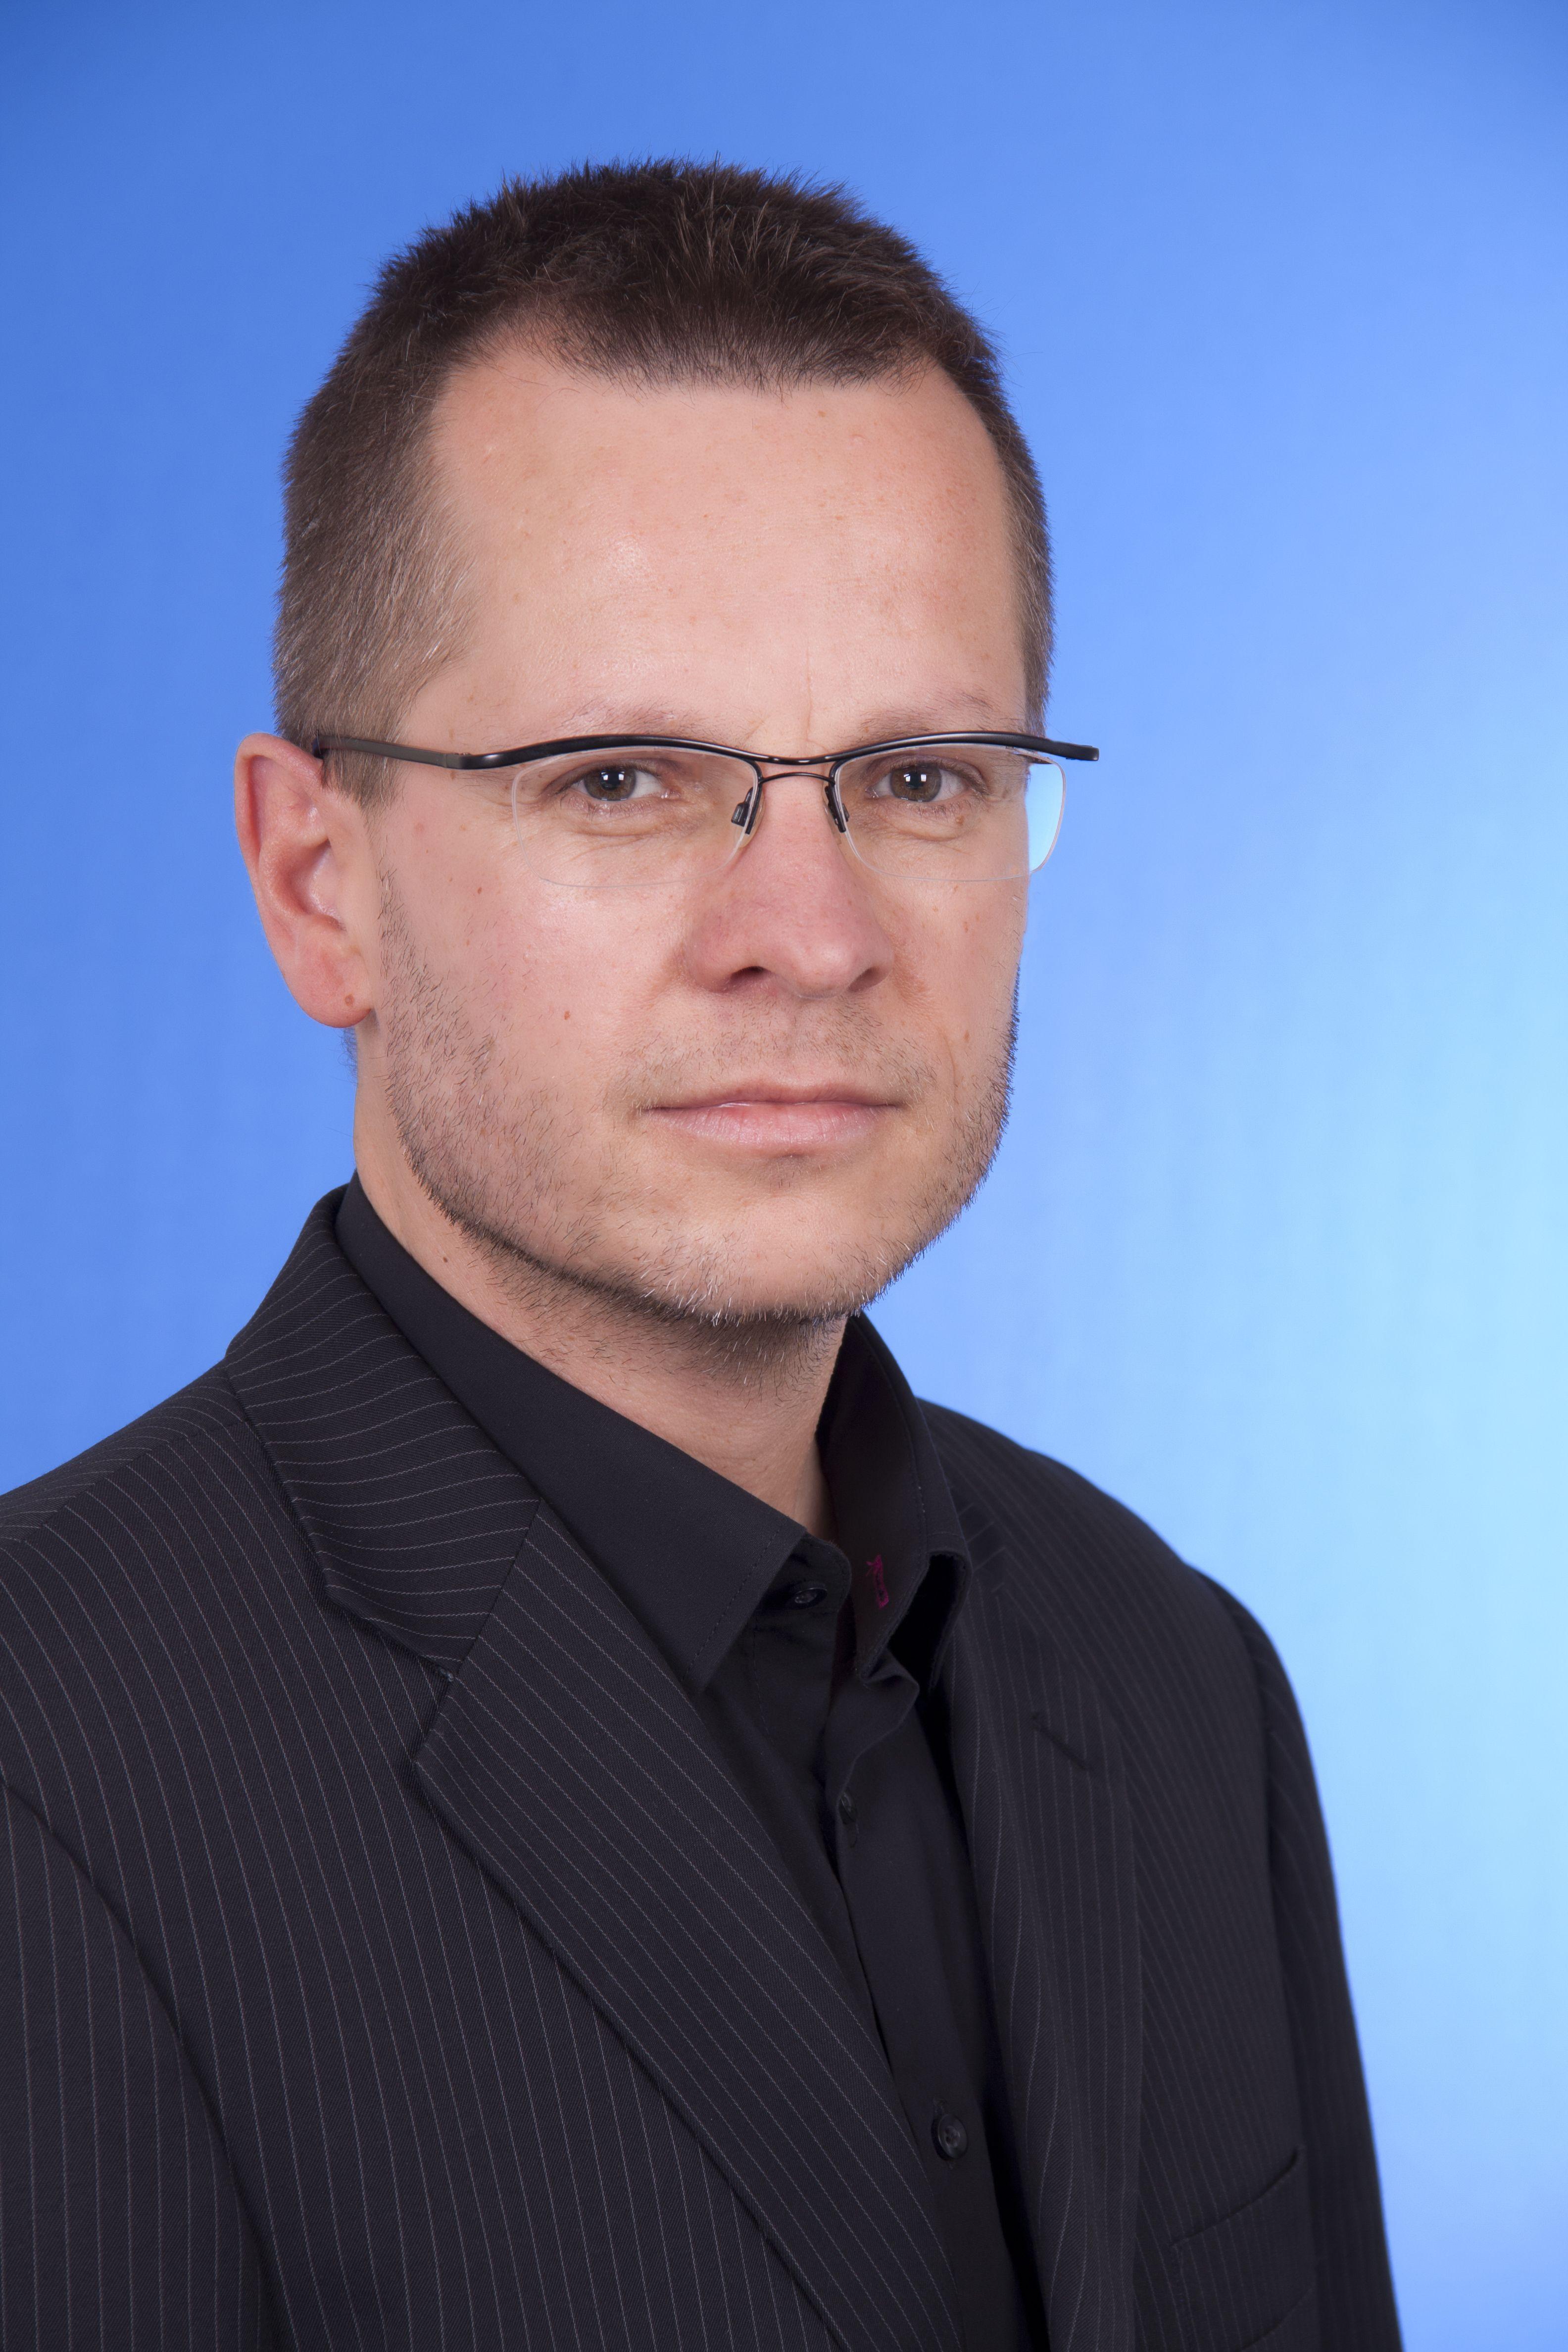 Marcus Hussing ist stellvertretender Leiter der Abteilung Sicherheit und Gesundheit der DGUV. Foto: Privat